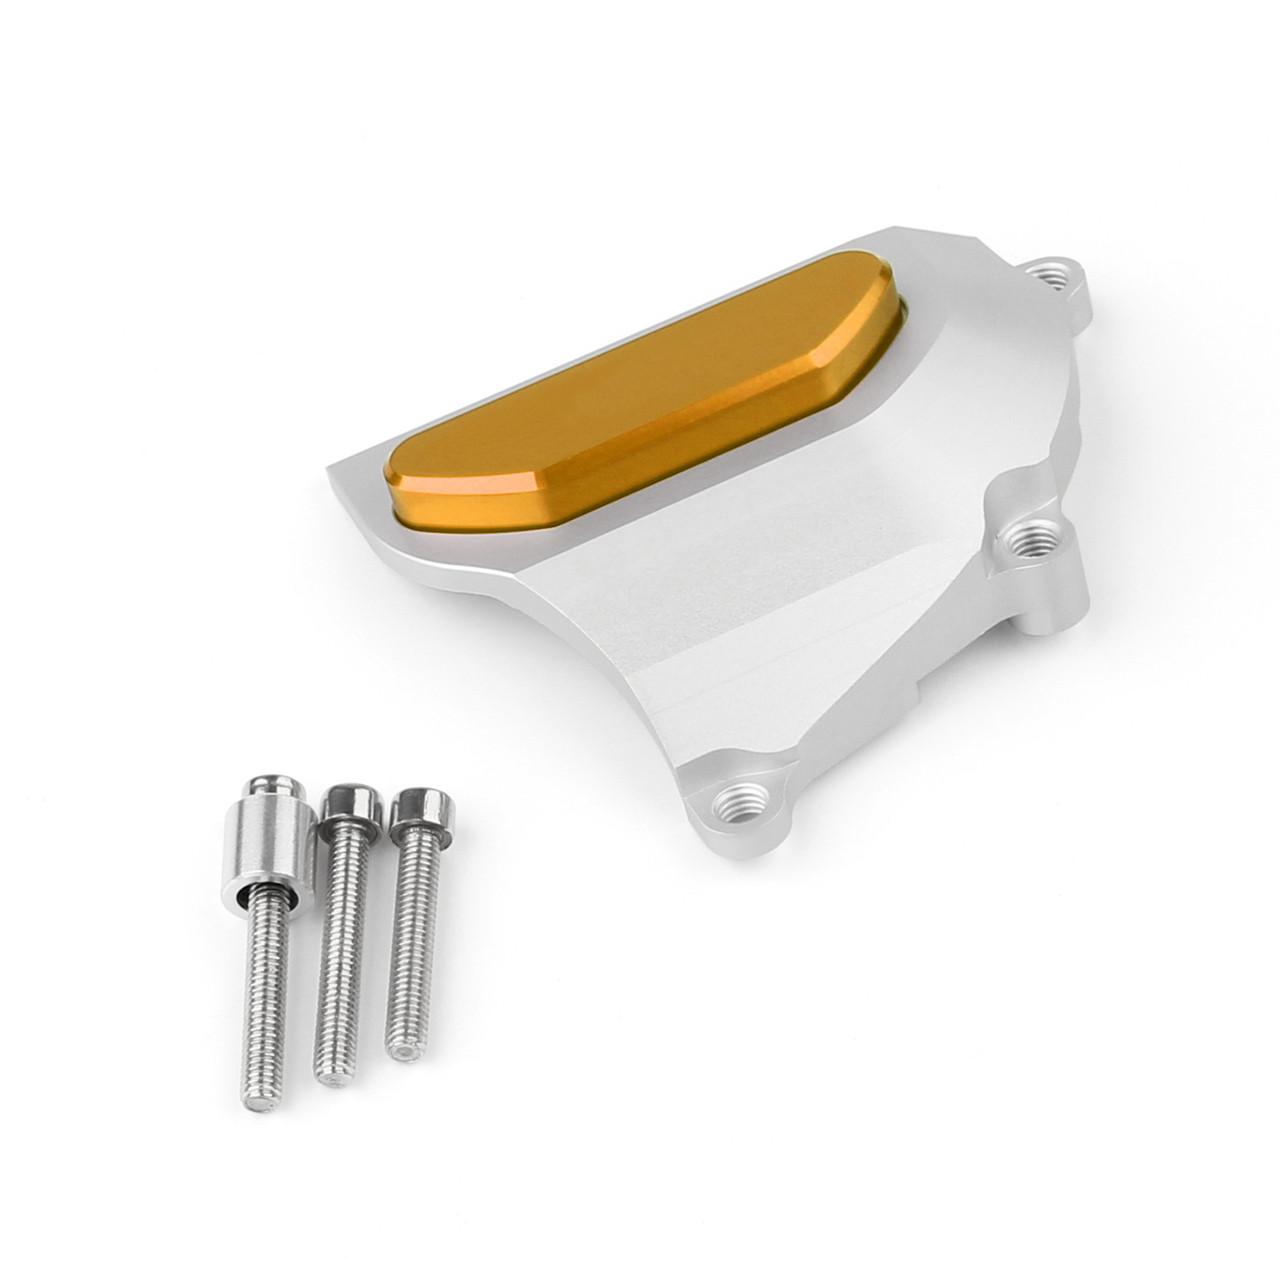 http://www.madhornets.store/AMZ/MotoPart/Engine%20Stator%20Cover%20Slider/Engine-B008/Engine-B008-Gold-1.jpg